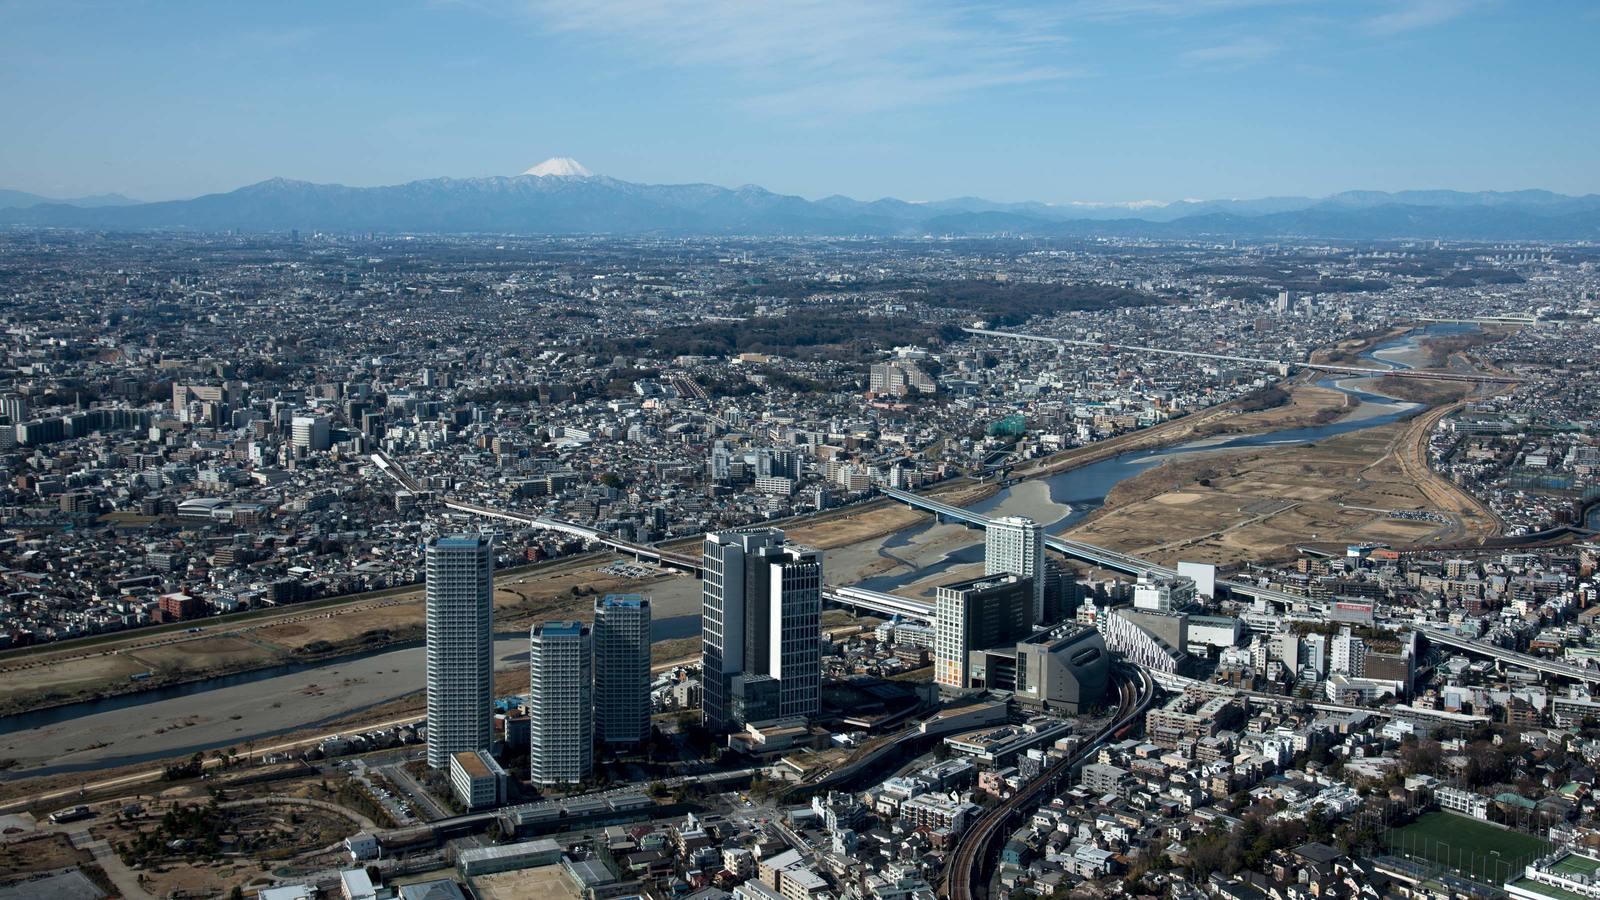 なぜ東京の人気エリア「世田谷」で空き家が増え続けているのか それでも新築が増え続ける不可解